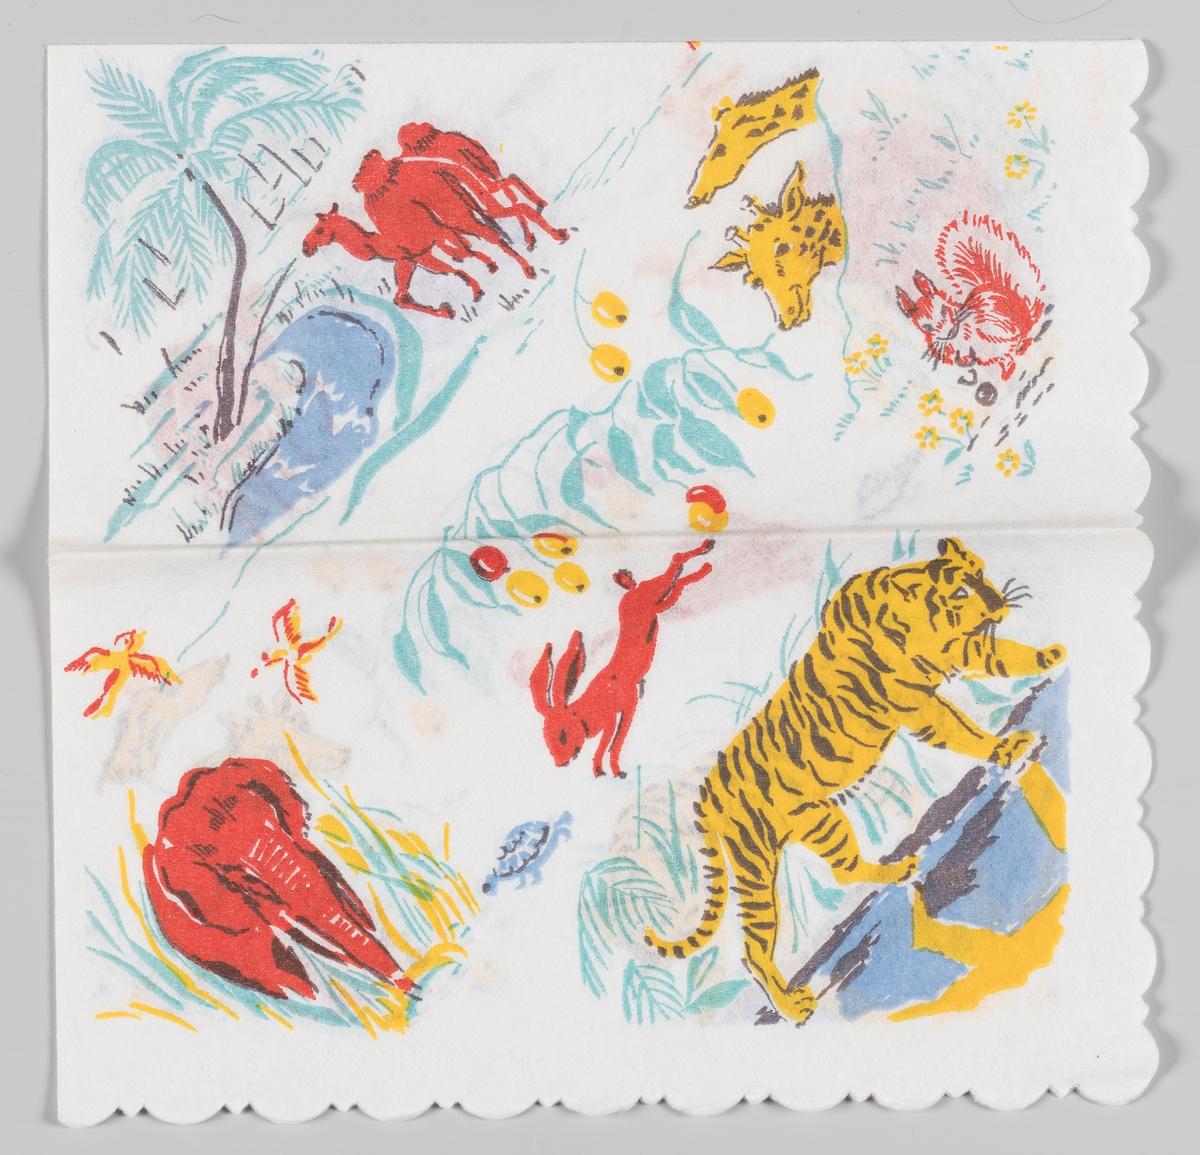 Landskaper med forskjellige dyr: En kamel, en elefant, to giraffer, en hare, et ekorn og en tiger.